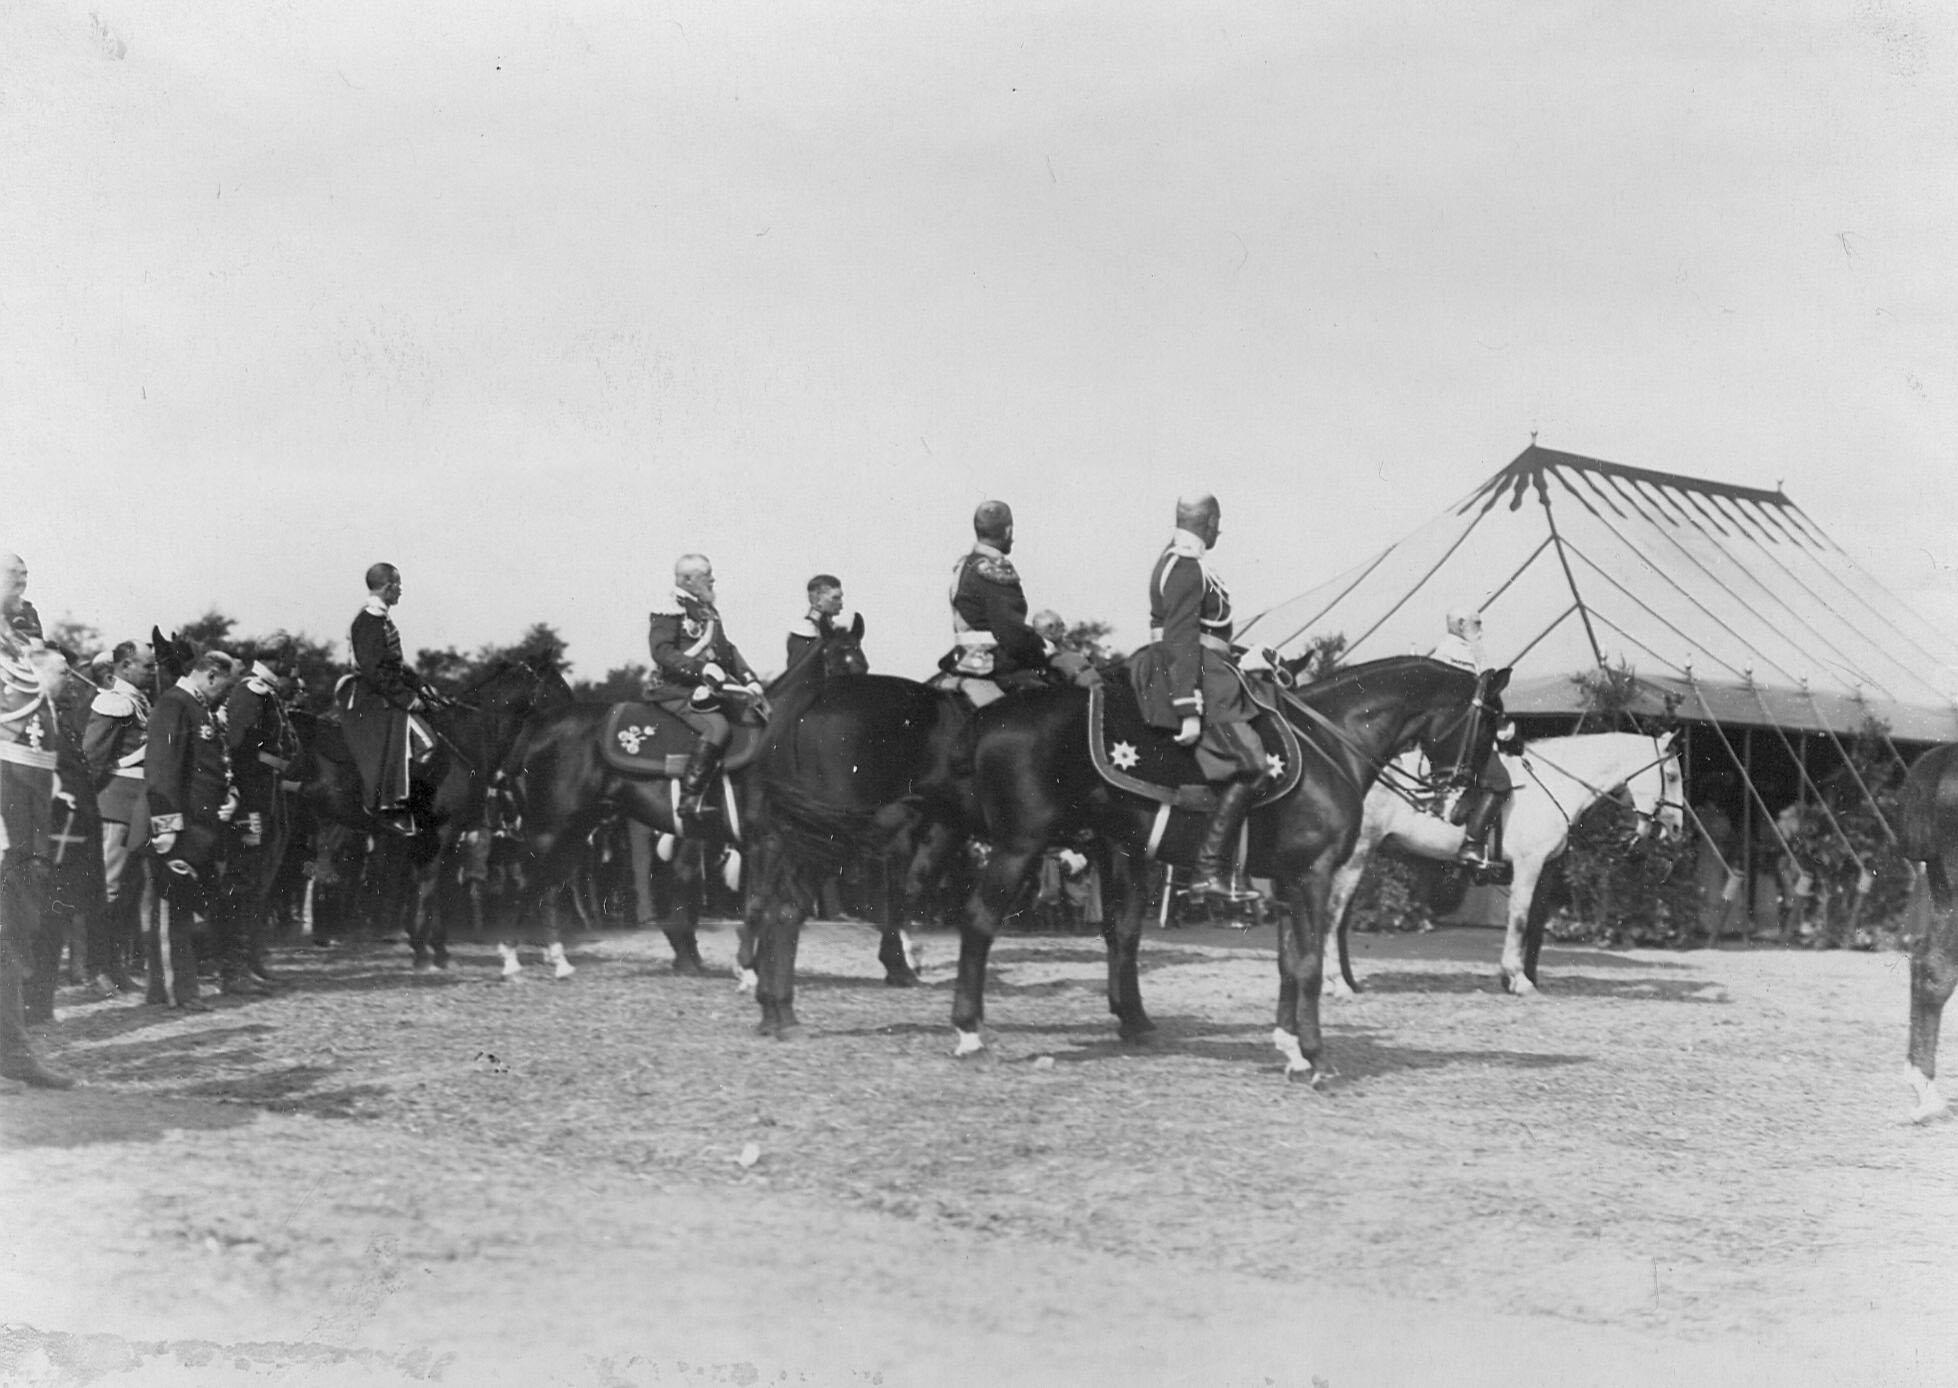 Высший офицерский состав Уланского полка во время богослужения по случаю празднования 250-летнего юбилея полка